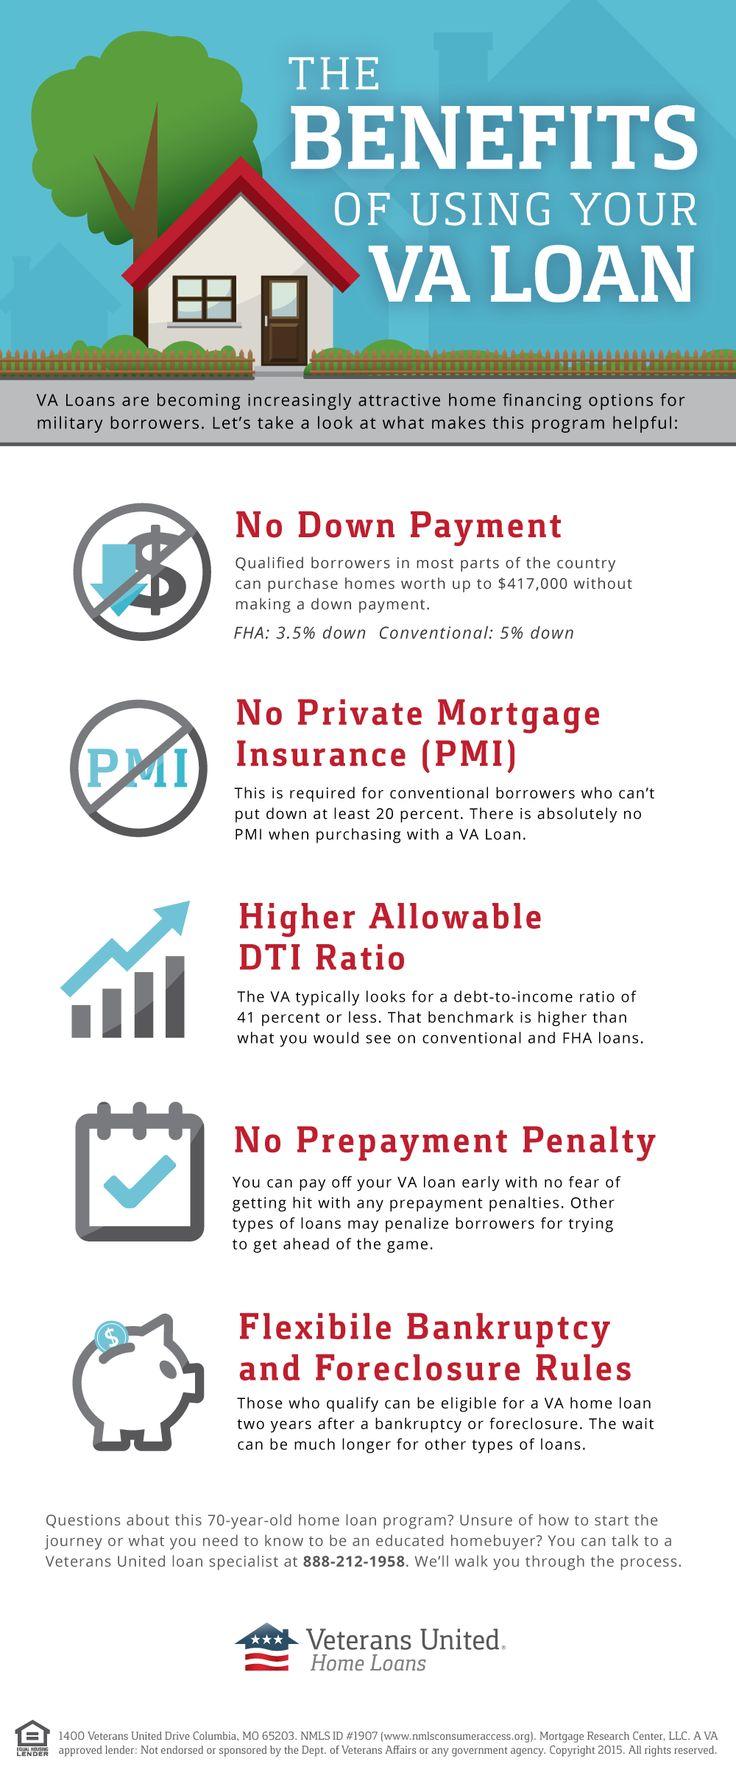 17 Best images about VA Loan Breakdown on Pinterest ...